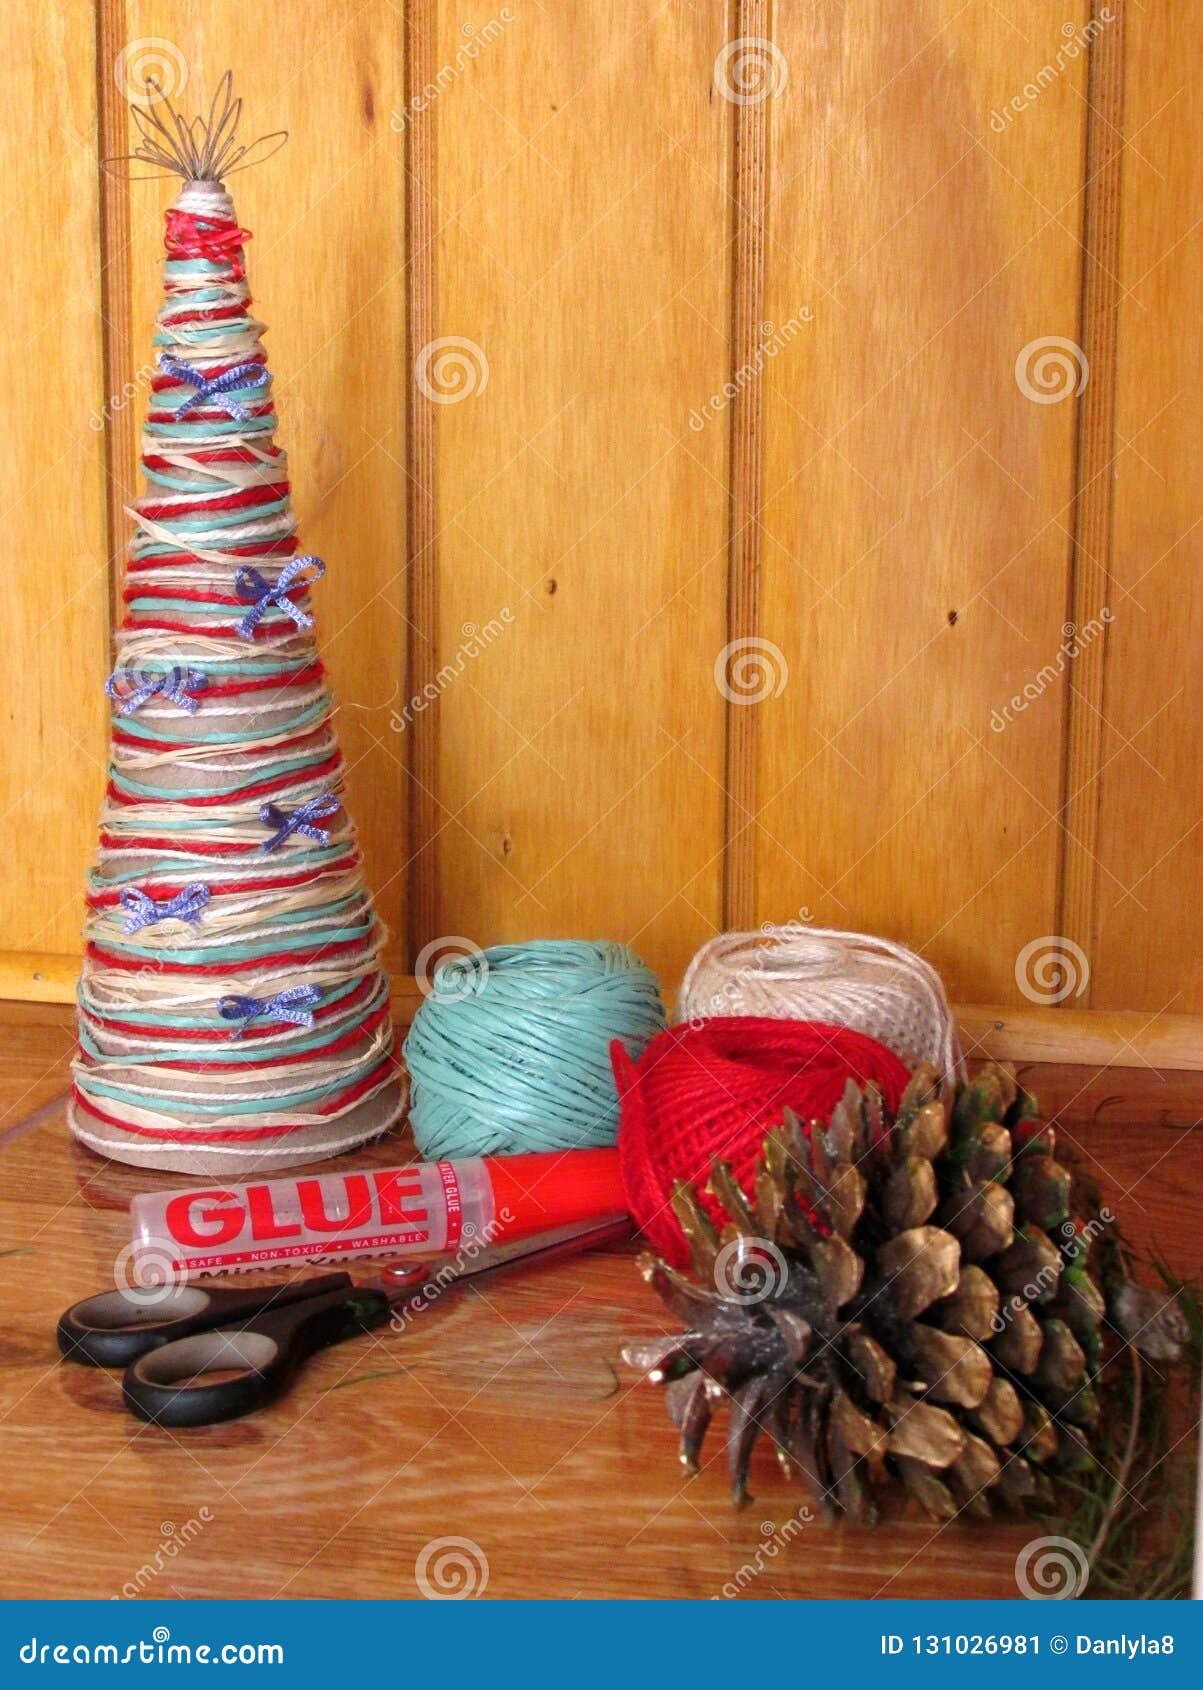 Arbre de Noël fait maison Outils et matériaux pour effectuer le travail de travail manuel pour Noël